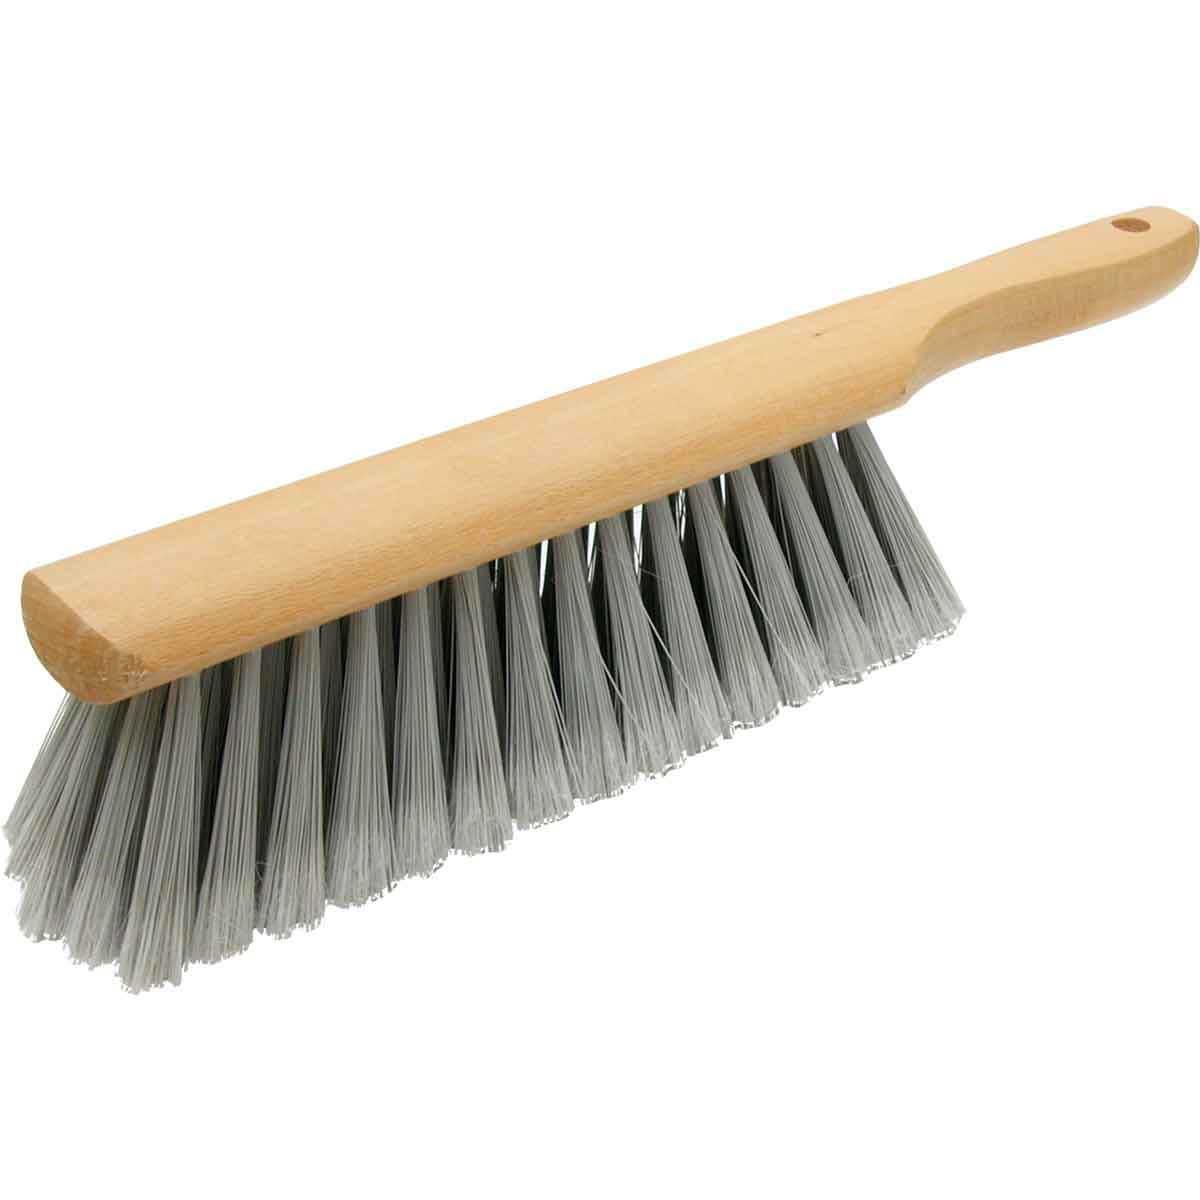 Marshalltown Silver Foxtail Duster Brush 6520